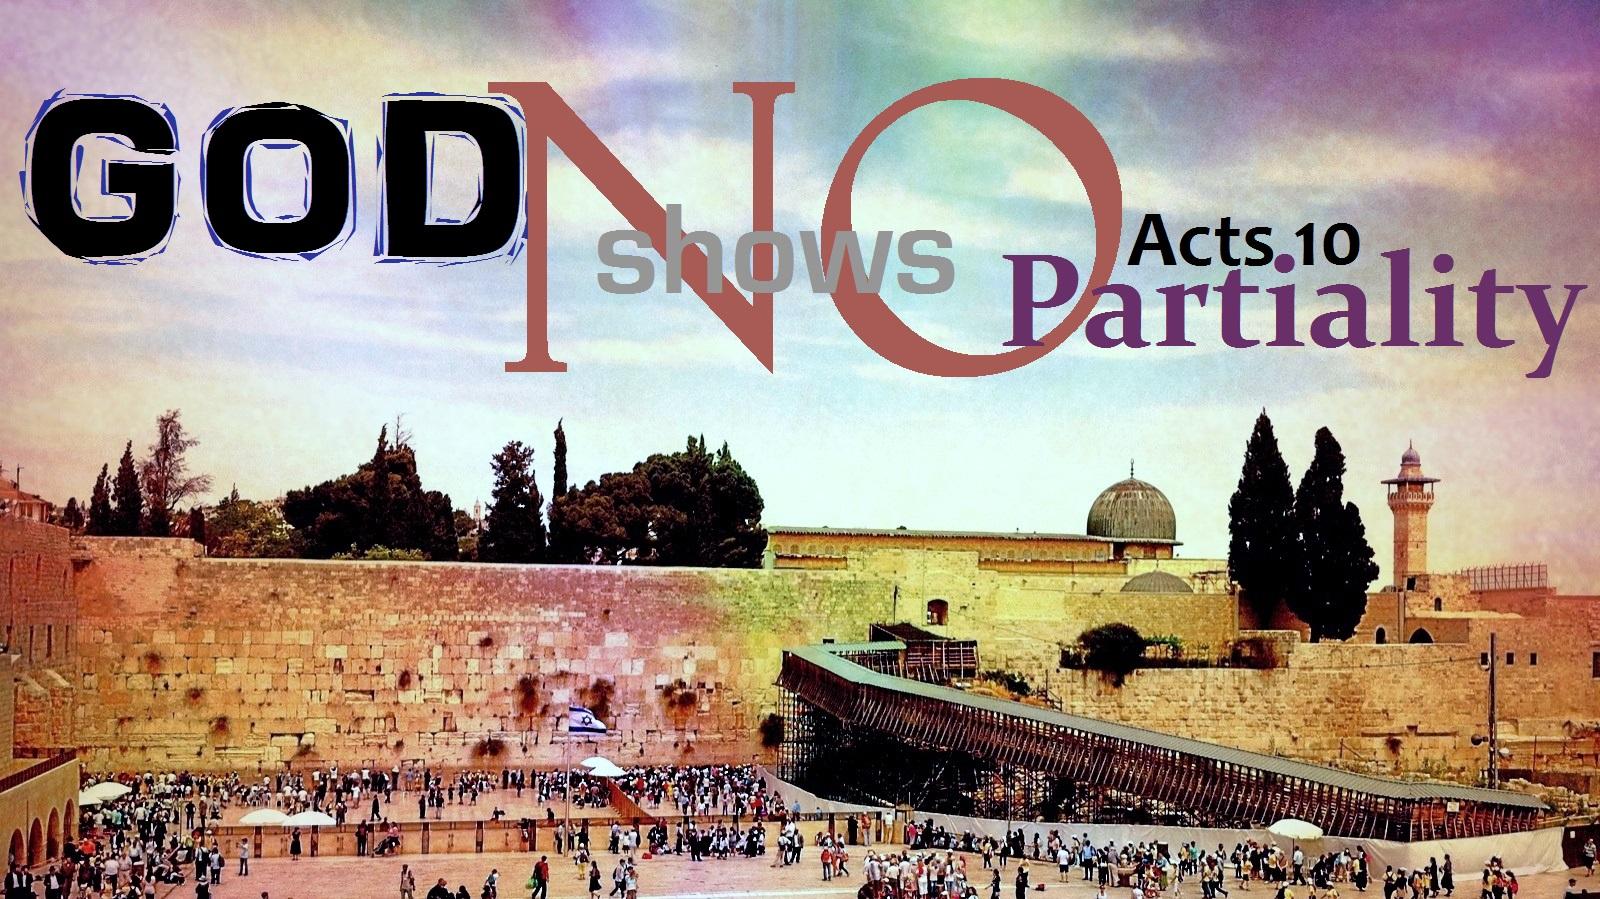 Acts 10 atozmomm